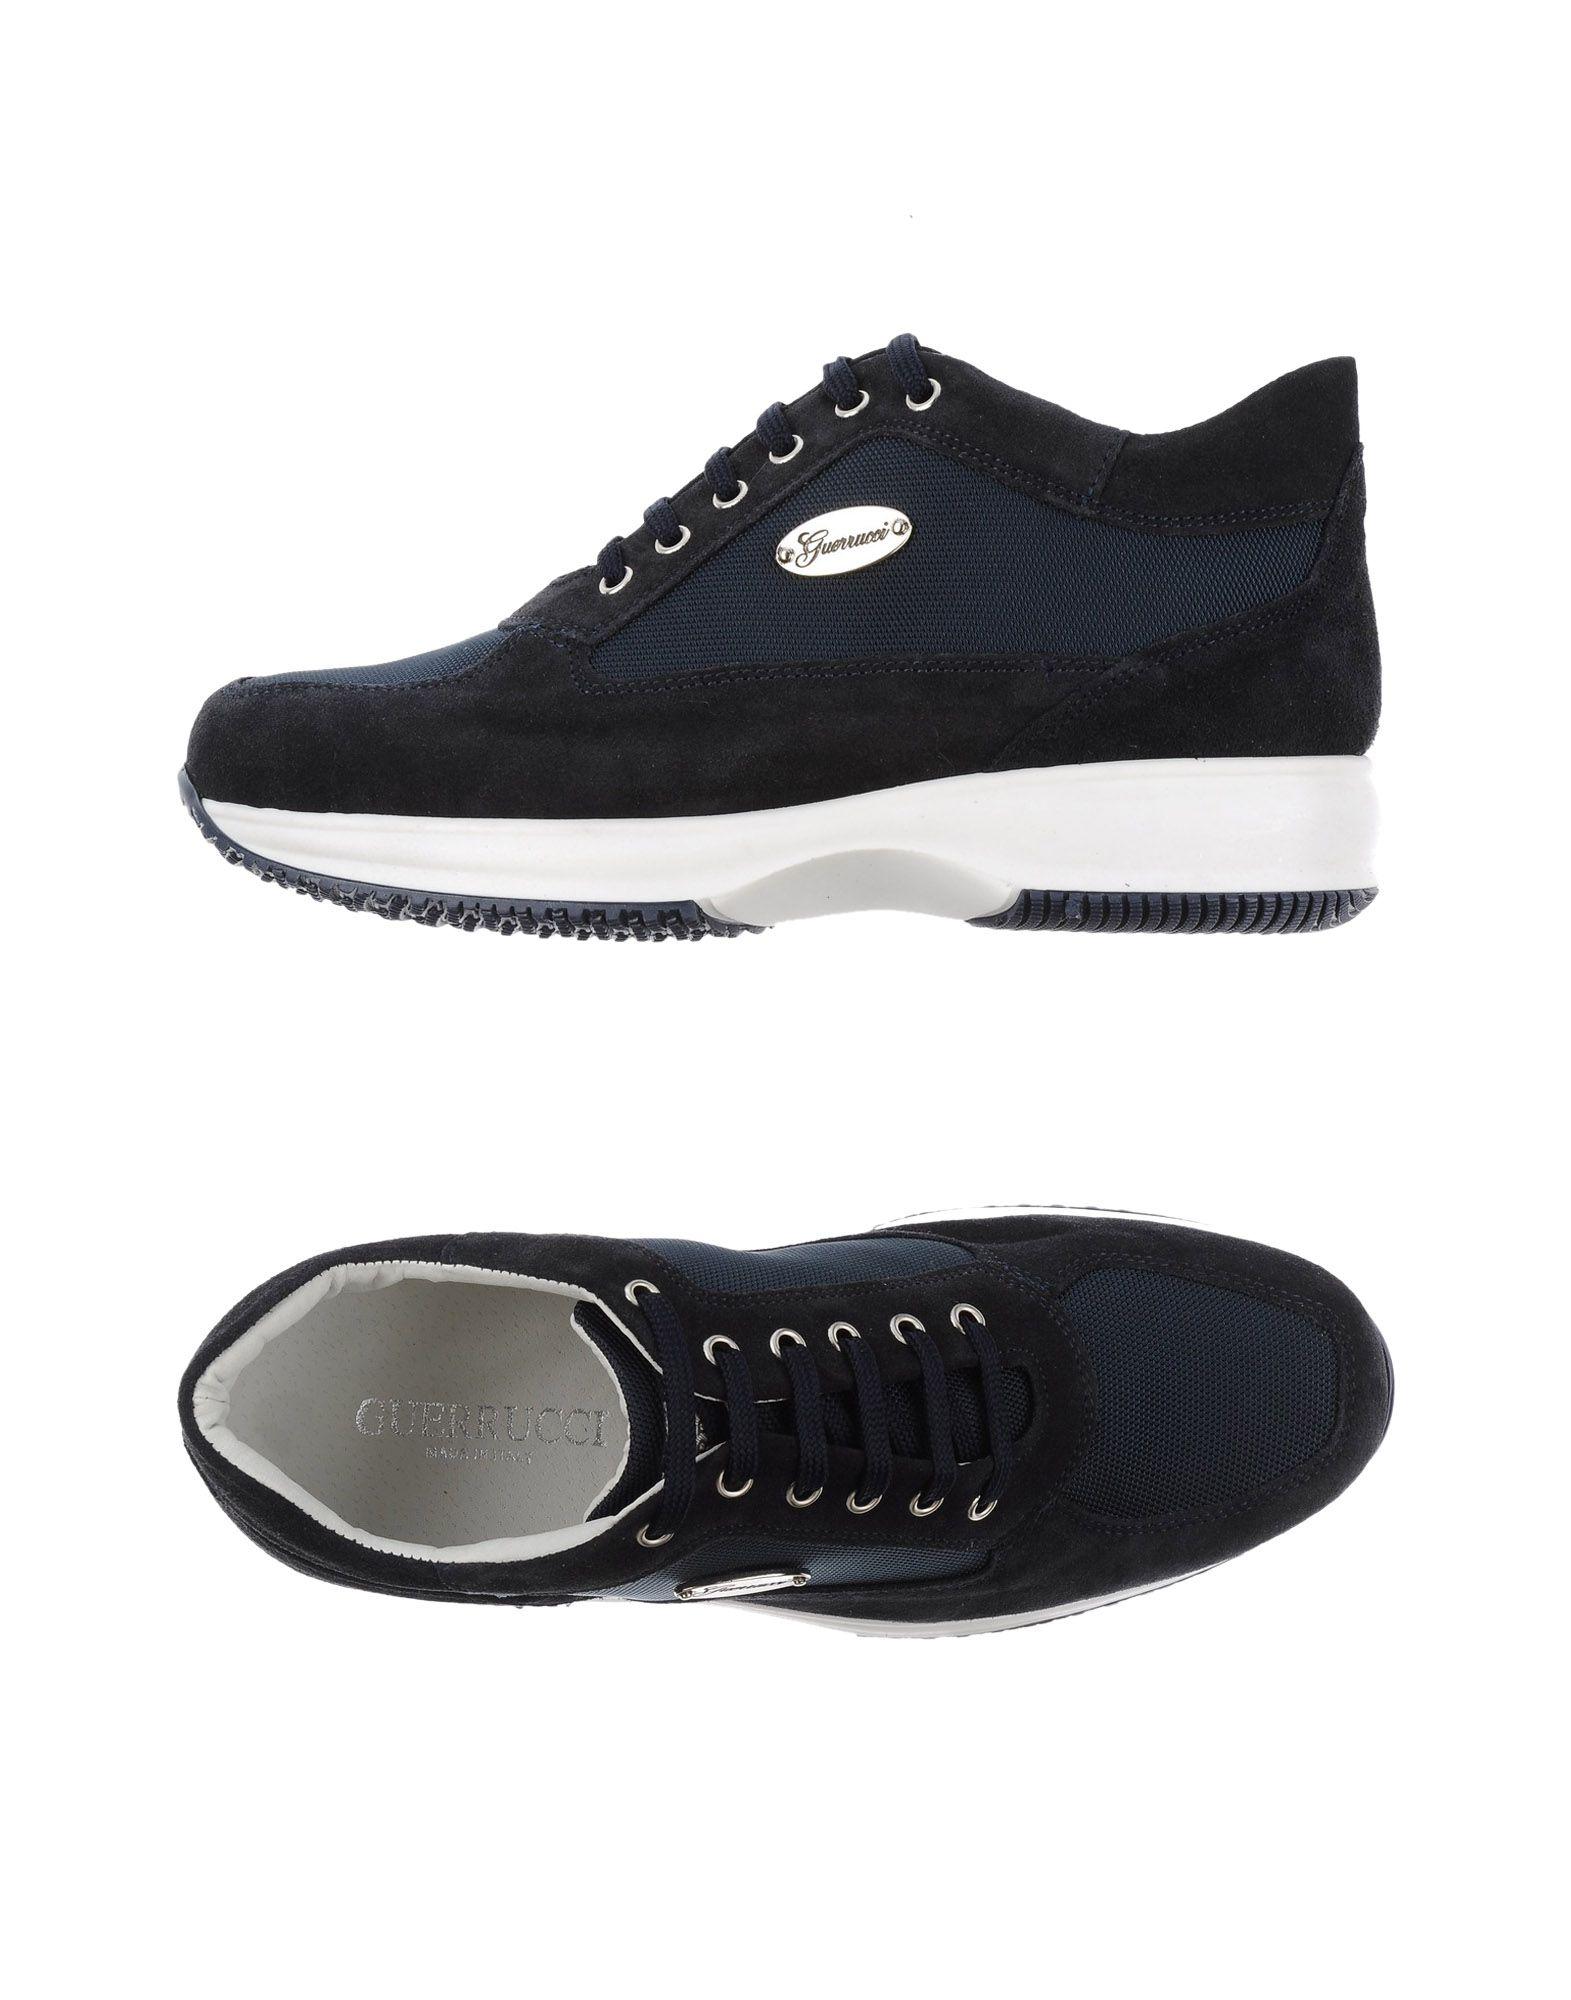 44951473PM Guerrucci Sneakers Herren  44951473PM  652eb1